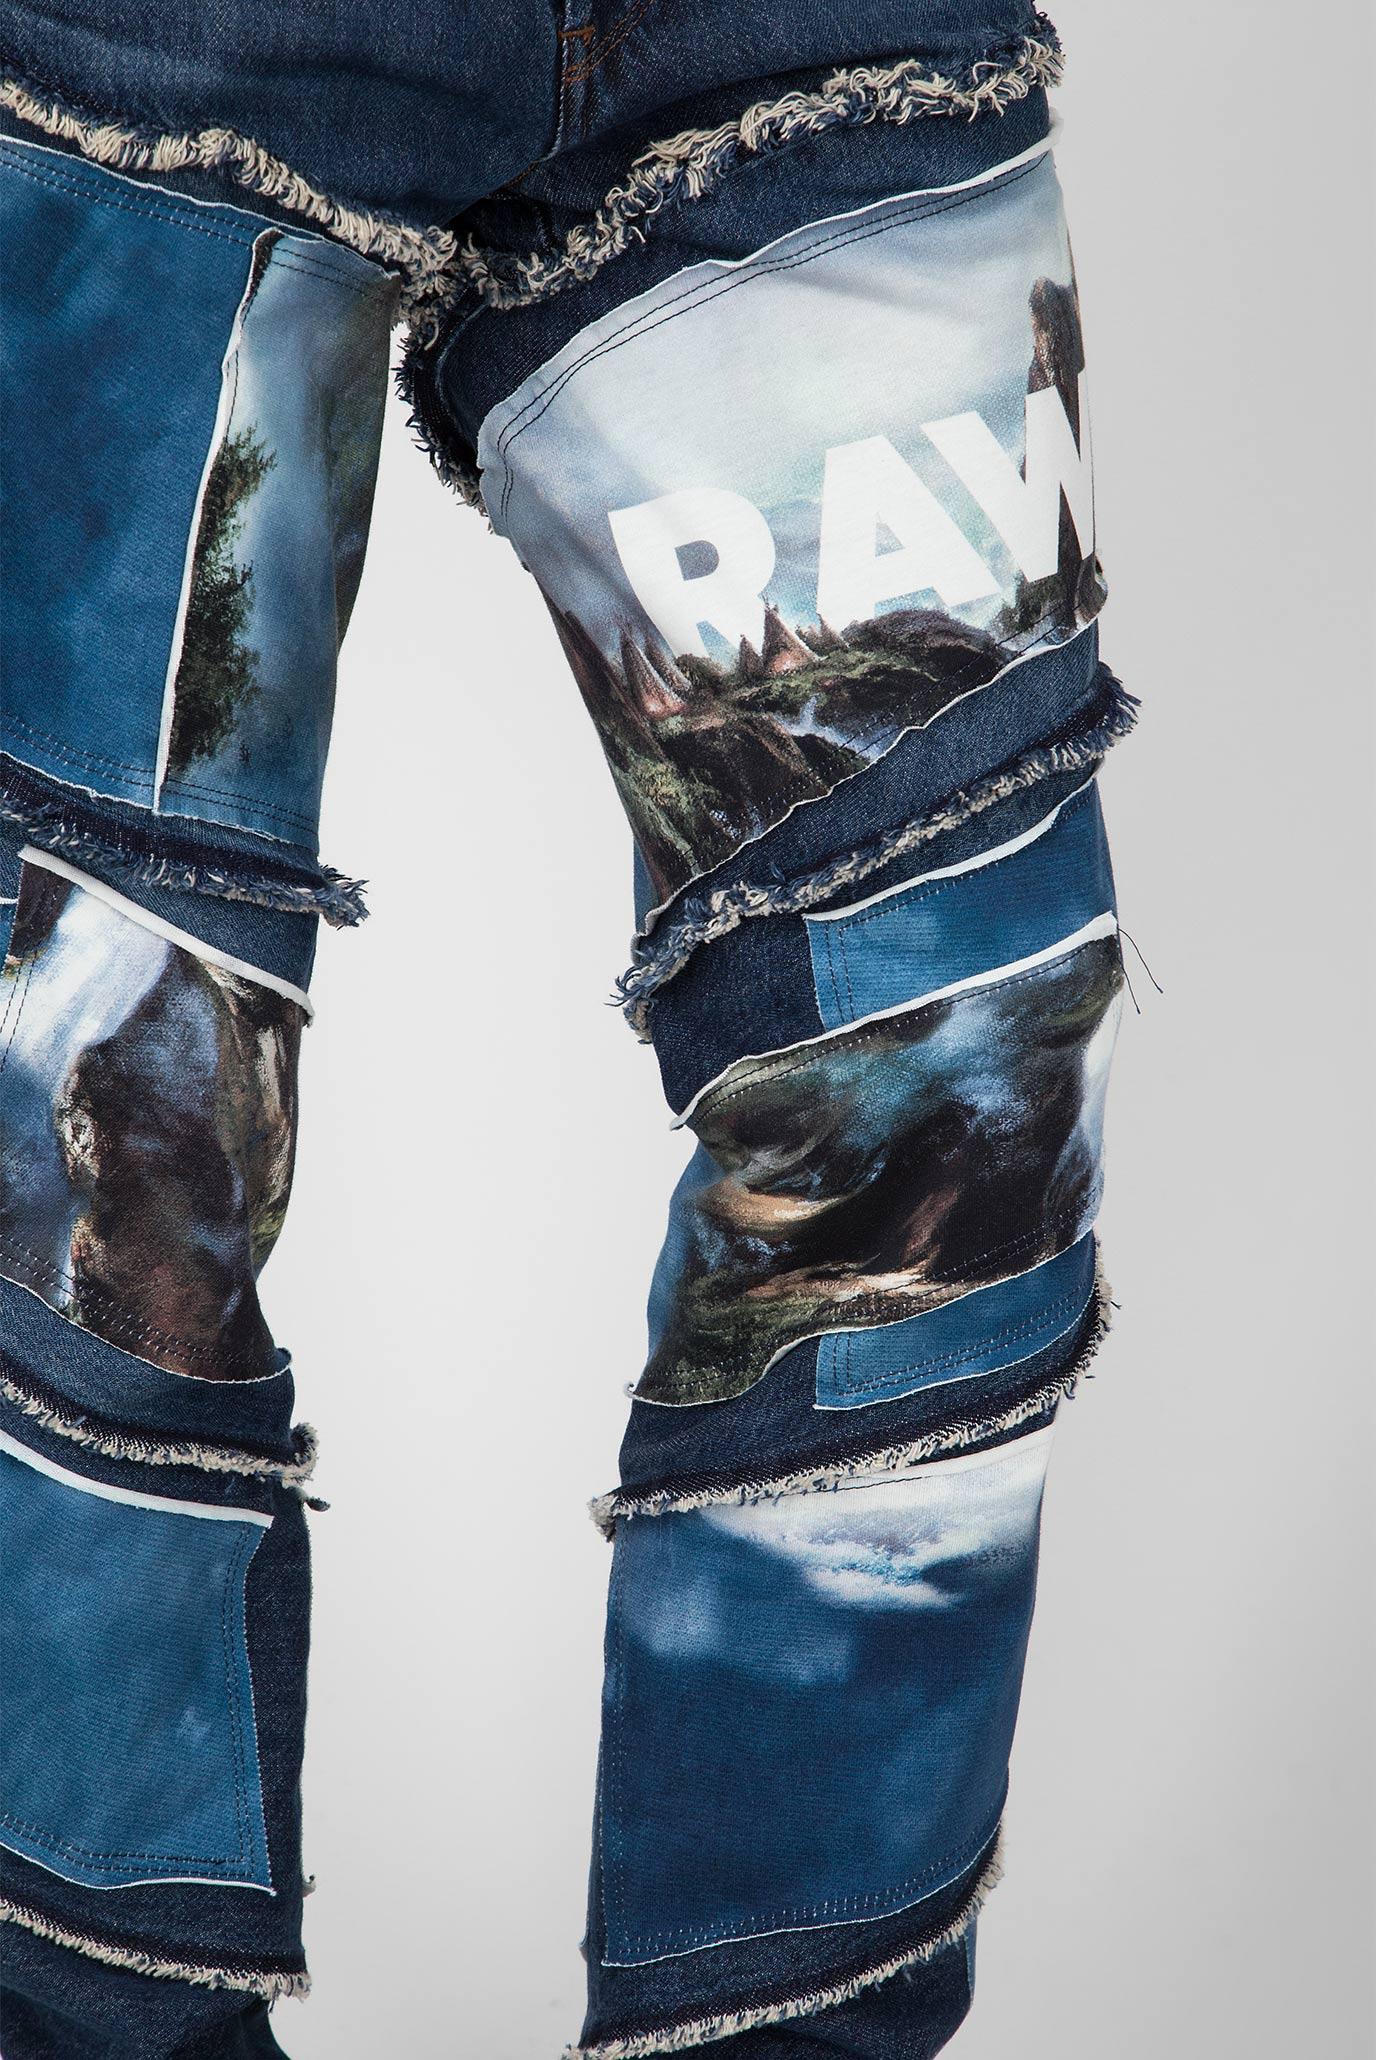 Купить Мужские синие джинсы Spiraq RFTP patches water 3D slim G-Star RAW G-Star RAW D10836,9436 – Киев, Украина. Цены в интернет магазине MD Fashion